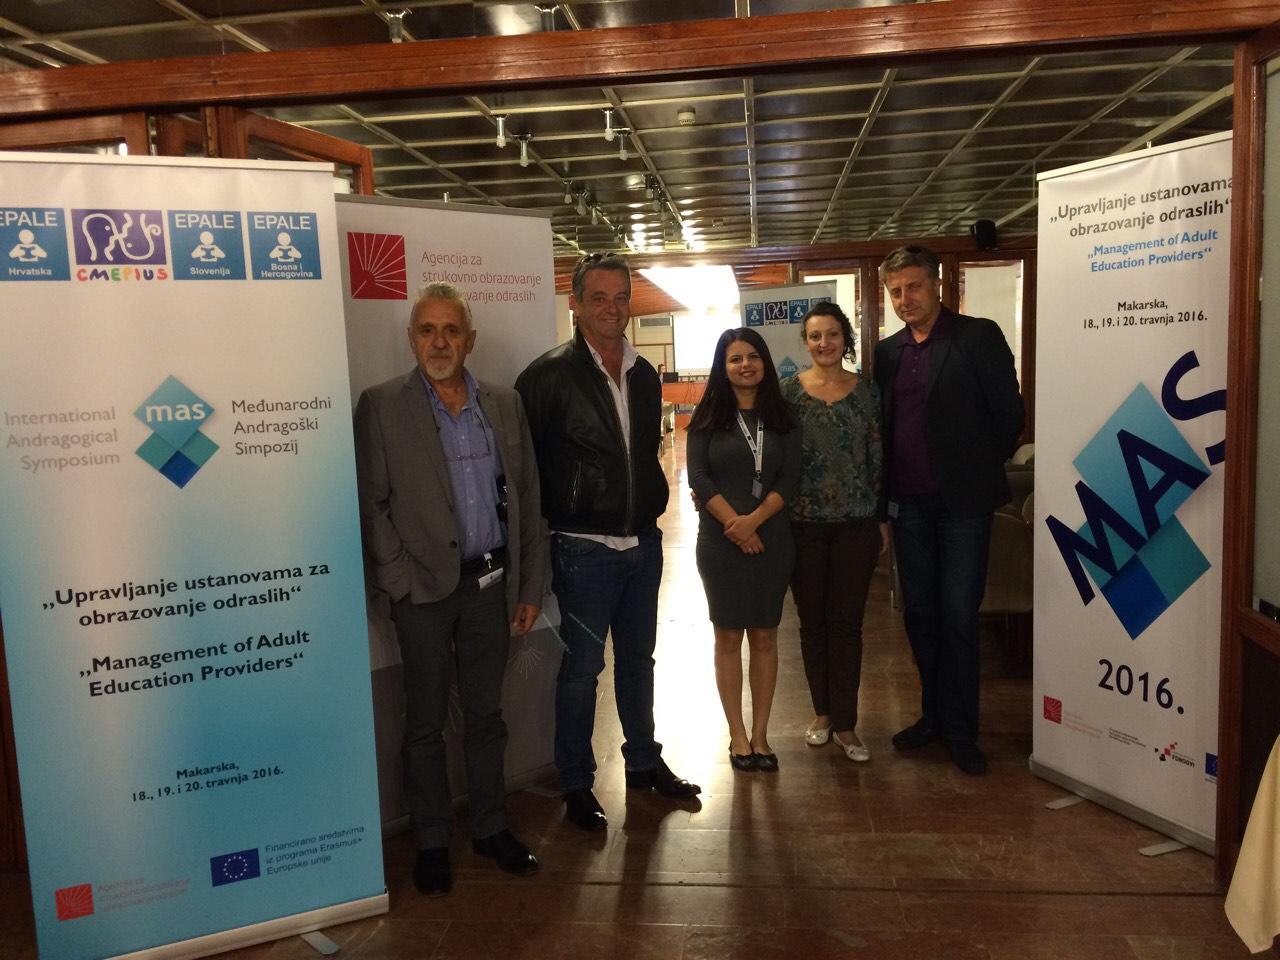 Predstavnici Crne Gore na IV Međunarodnom andragoškom simpozijumu u Makarskoj